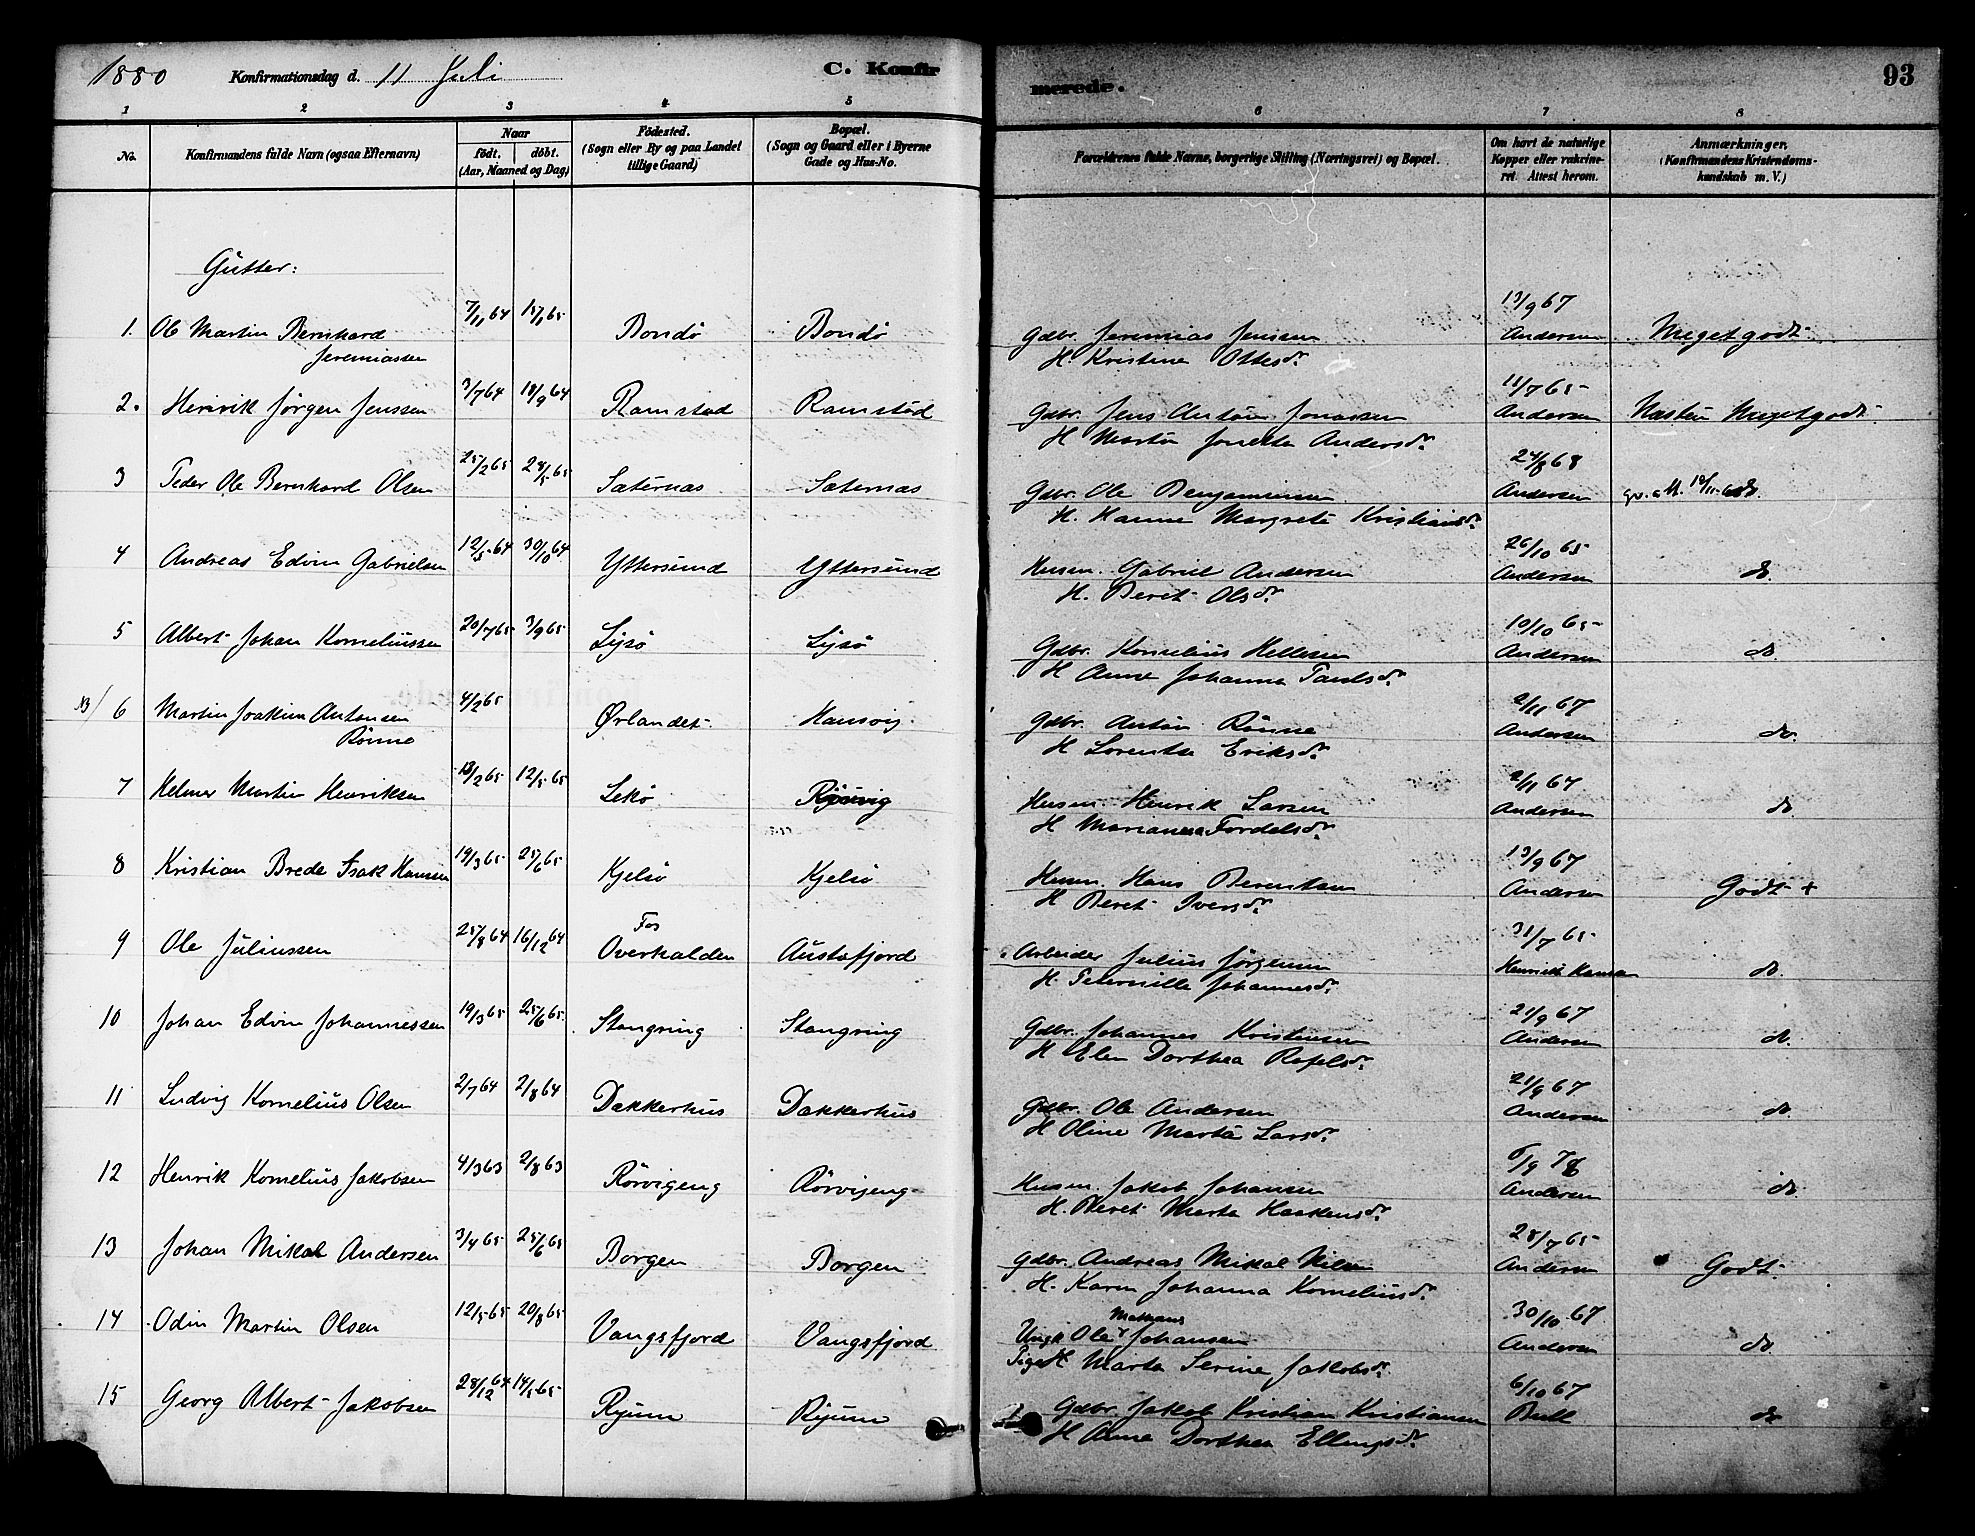 SAT, Ministerialprotokoller, klokkerbøker og fødselsregistre - Nord-Trøndelag, 786/L0686: Ministerialbok nr. 786A02, 1880-1887, s. 93